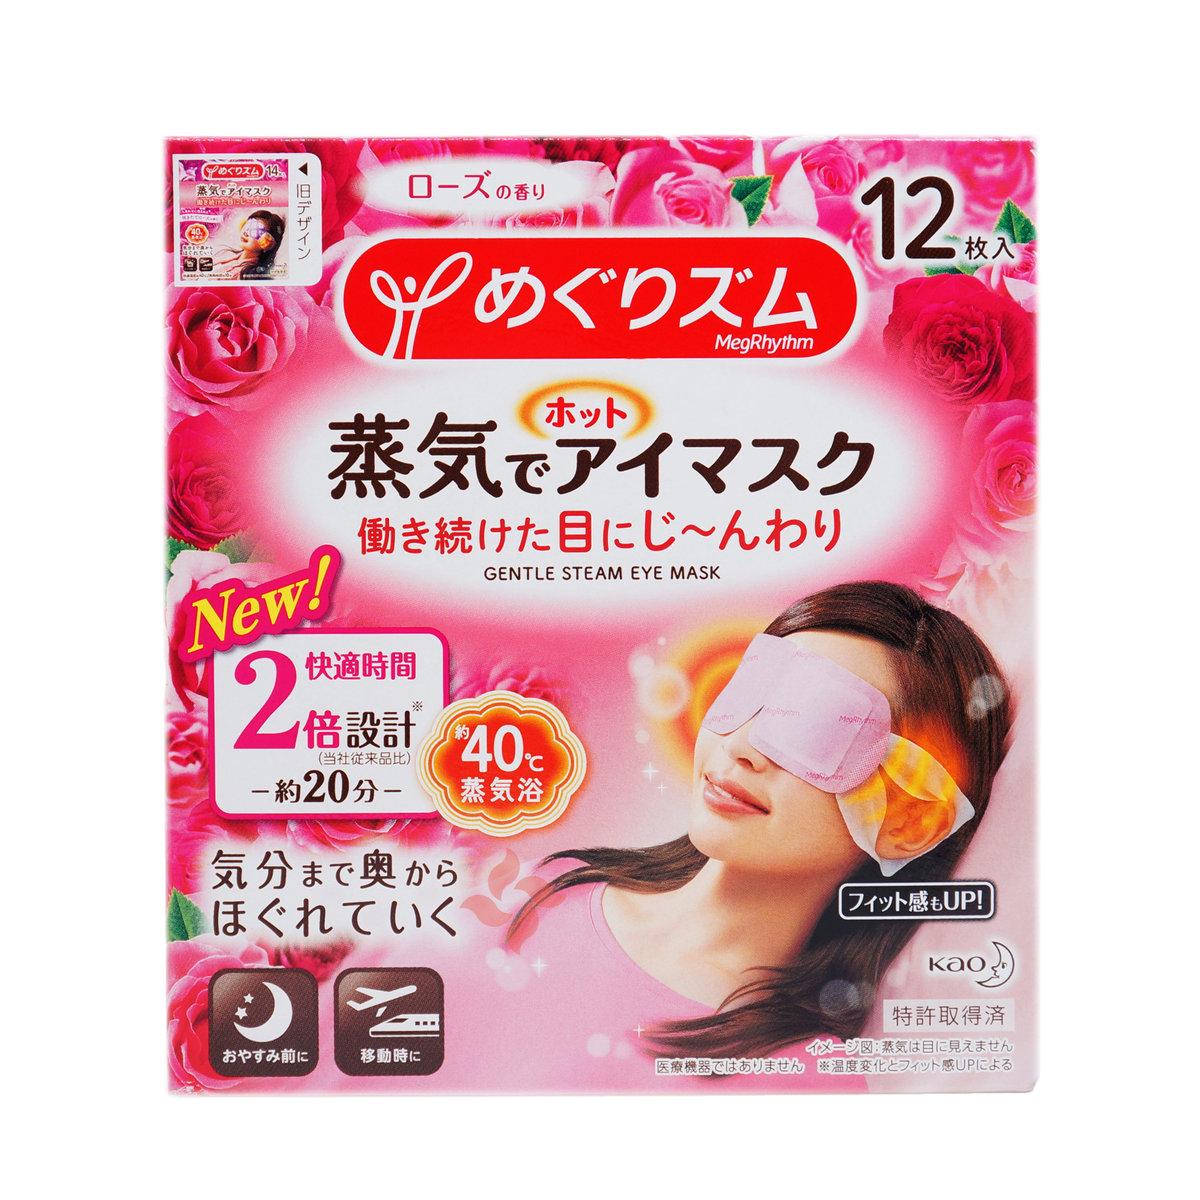 花王  蒸氣眼罩(2倍時效) 玫瑰味 12枚 (4901301348098)